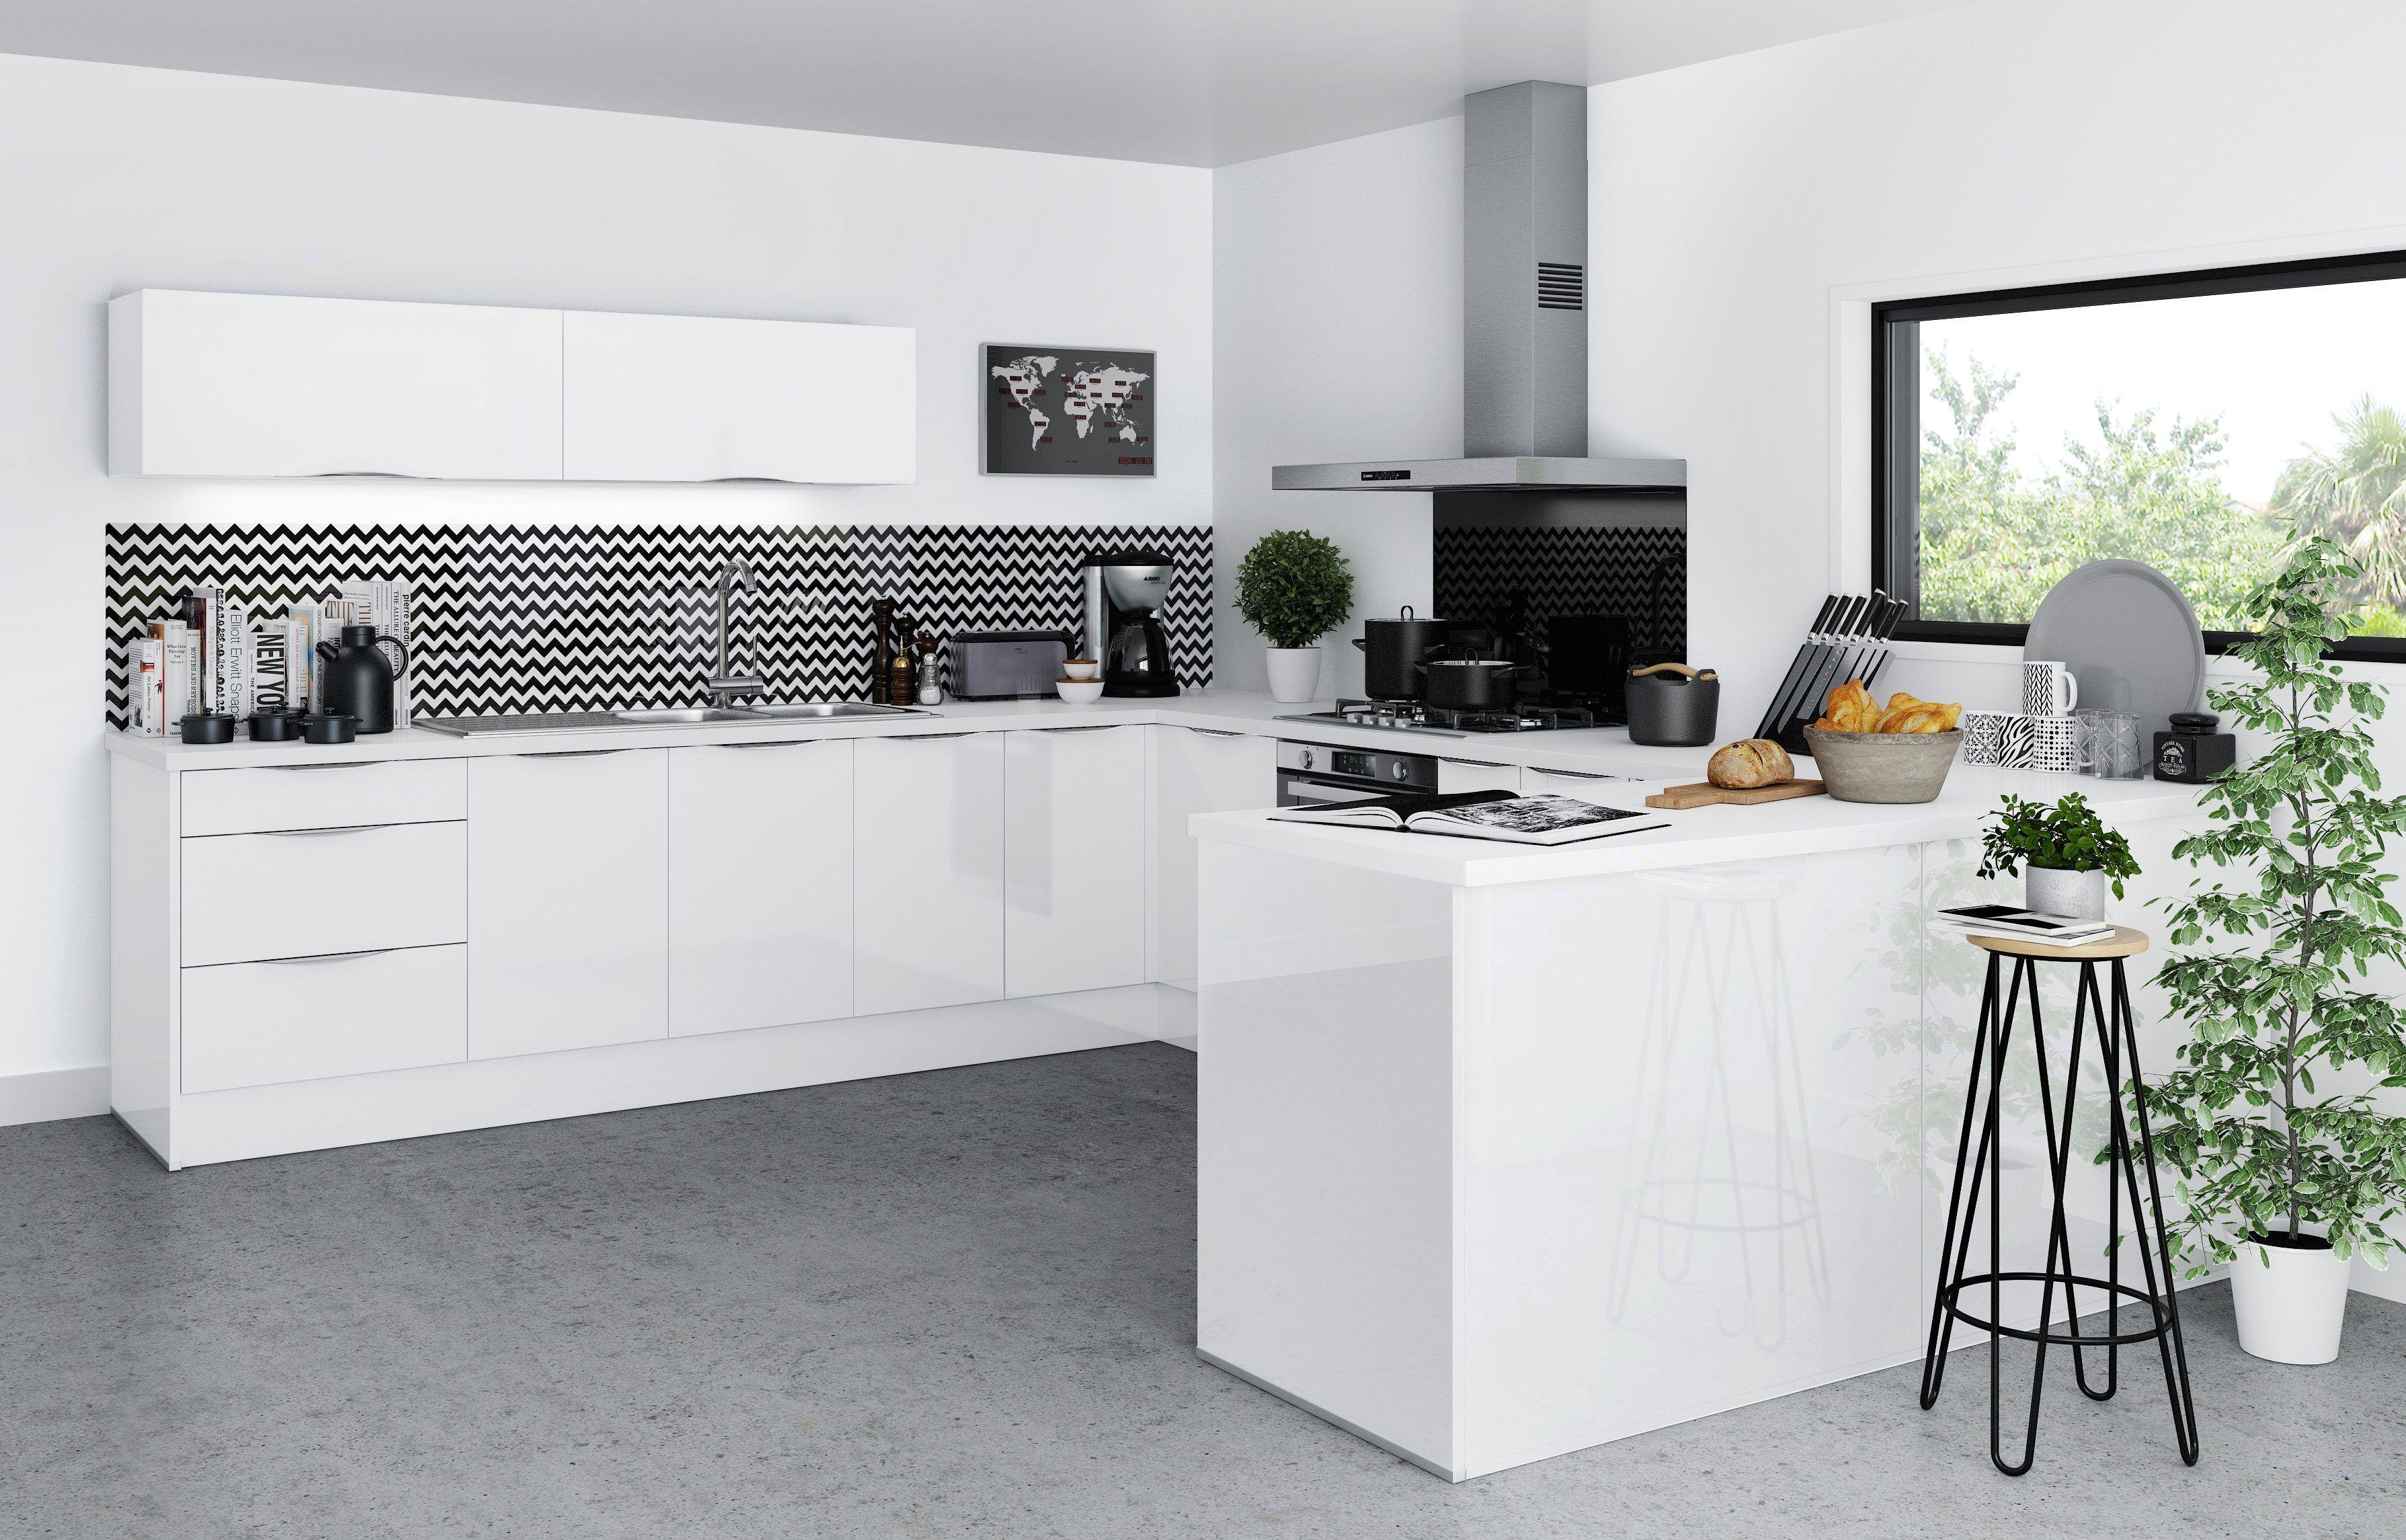 Cuisine Saga Blanc But Moderne Design Laque Kitchen Meuble Cuisine Meubles De Cuisine Noirs Cuisine Moderne